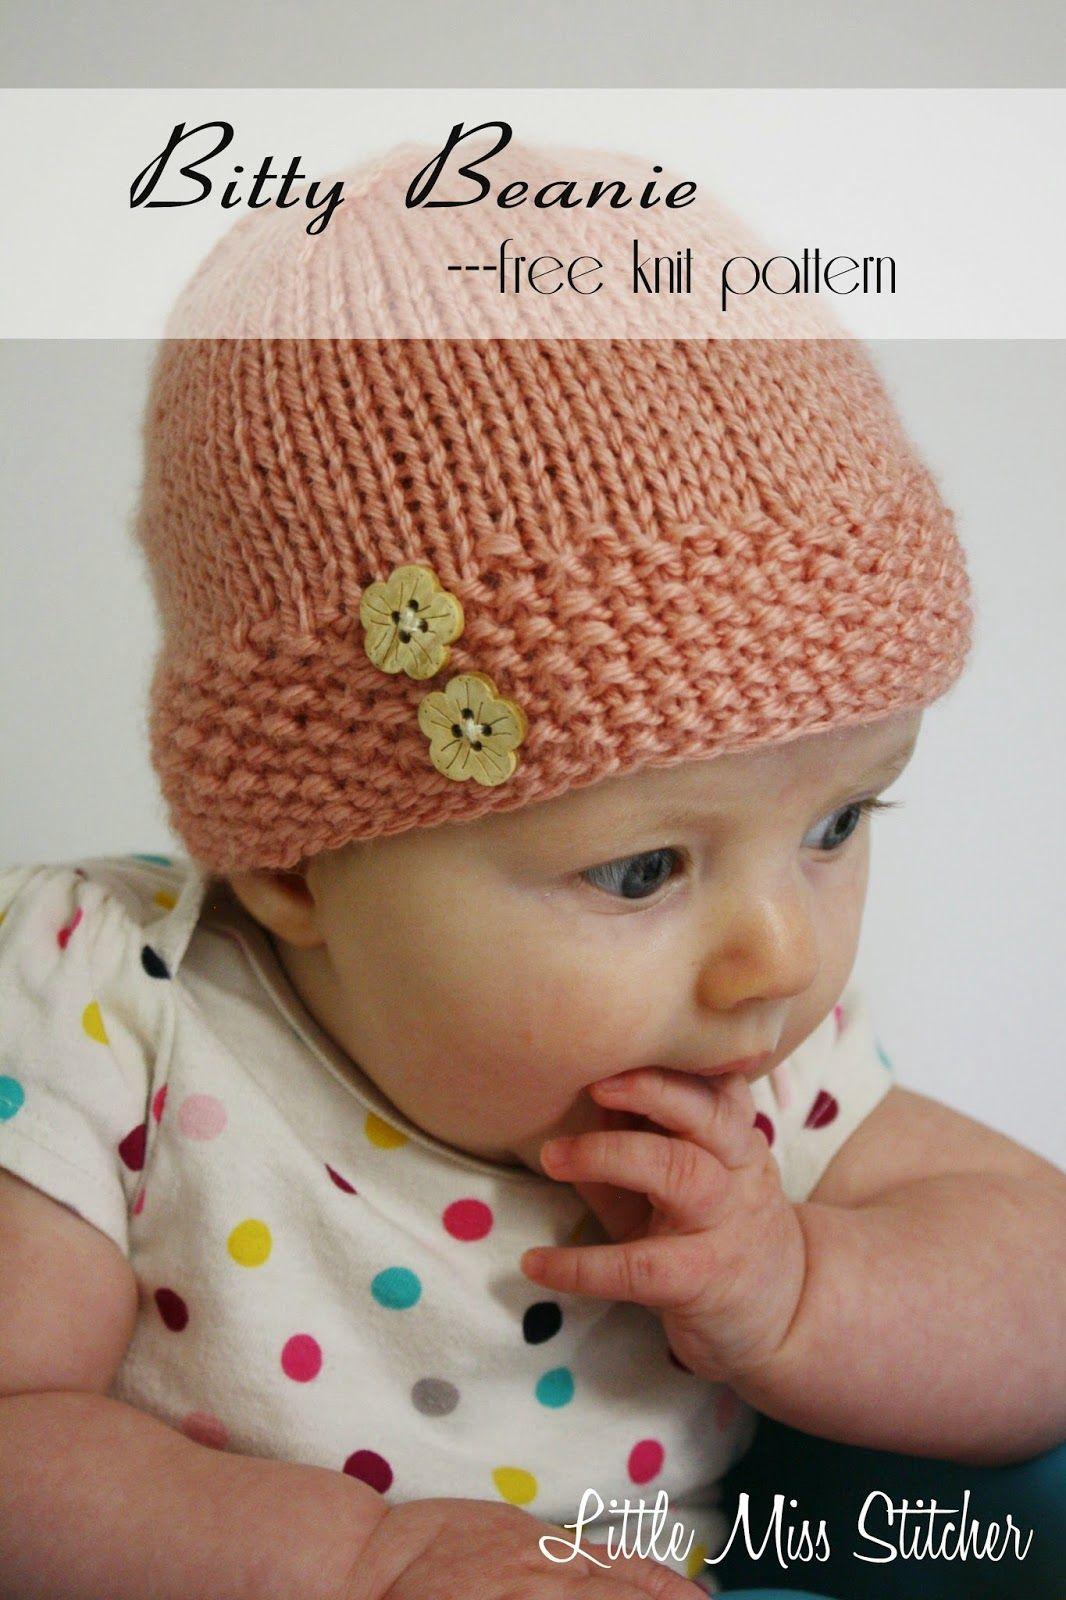 Little miss stitcher bitty beanie free knit pattern cute baby little miss stitcher bitty beanie free knit pattern bankloansurffo Image collections